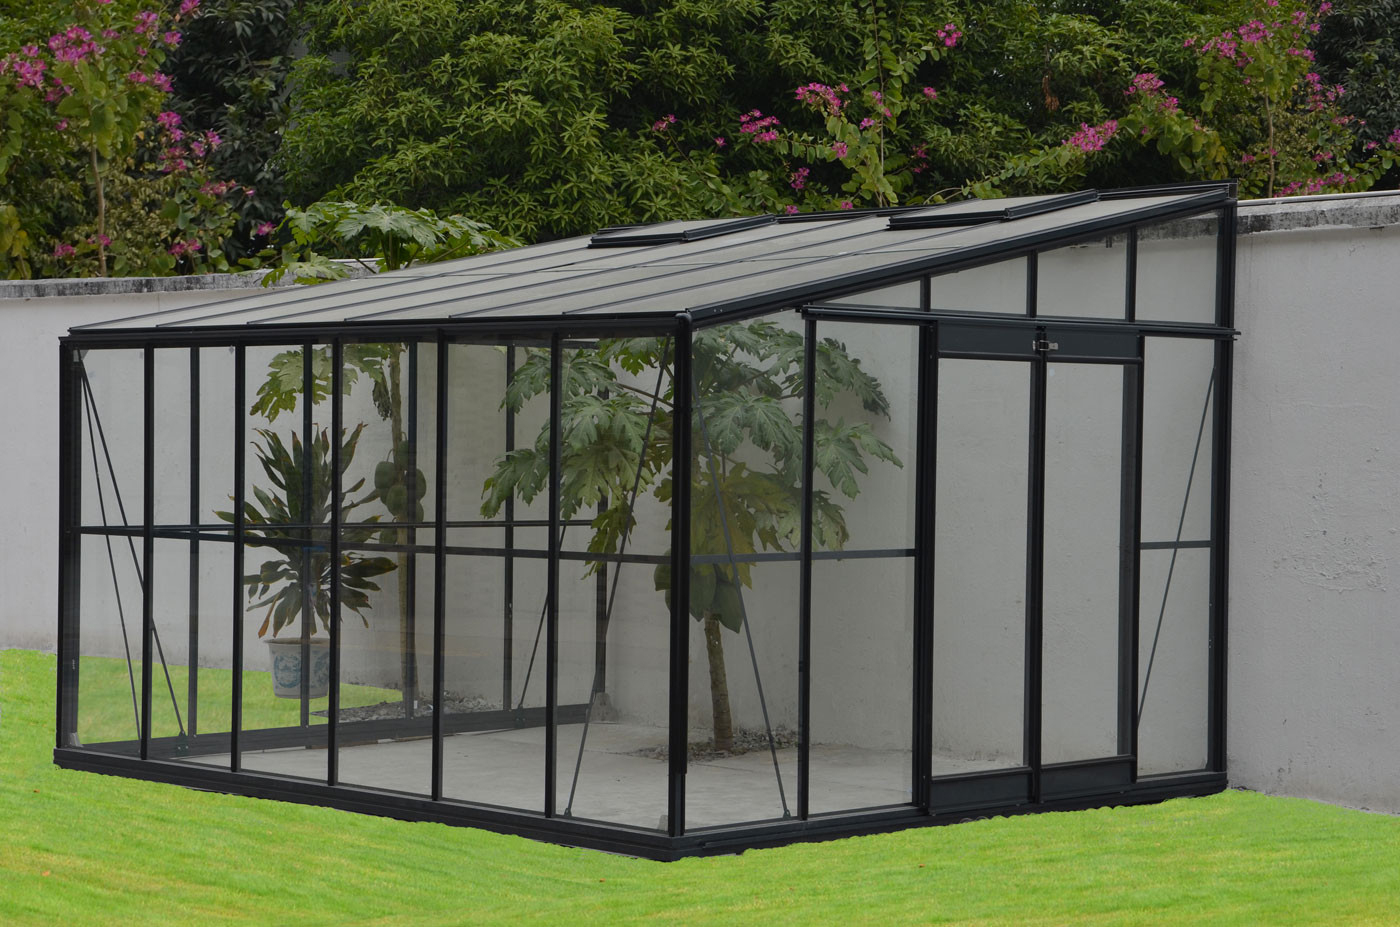 Serre De Jardin Adossable En Verre Trempé 11,85 M2 Gris Anthracite destiné Serre De Jardin En Verre Trempé